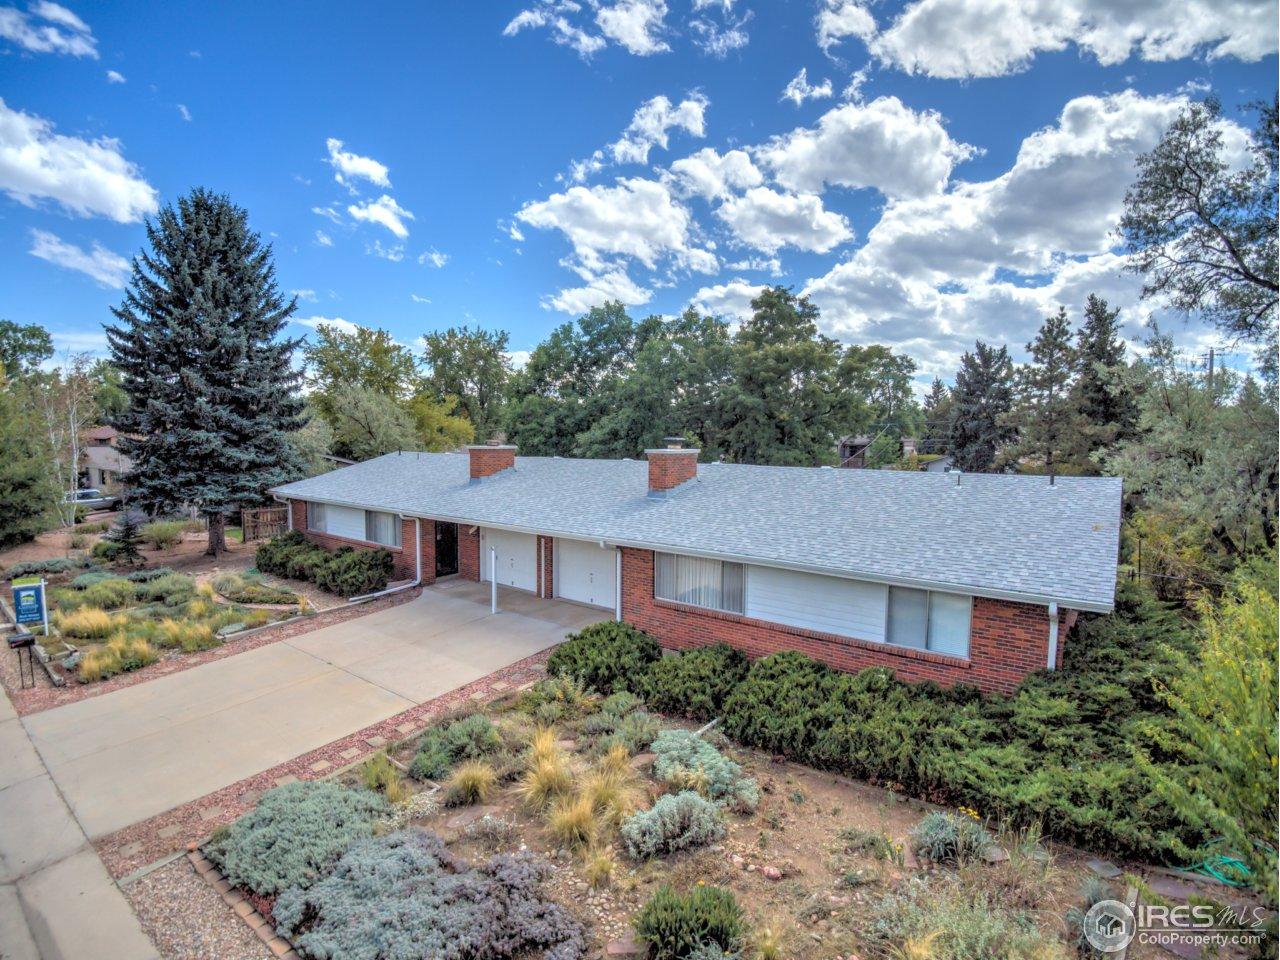 5302 Pennsylvania Ave, Boulder CO 80303